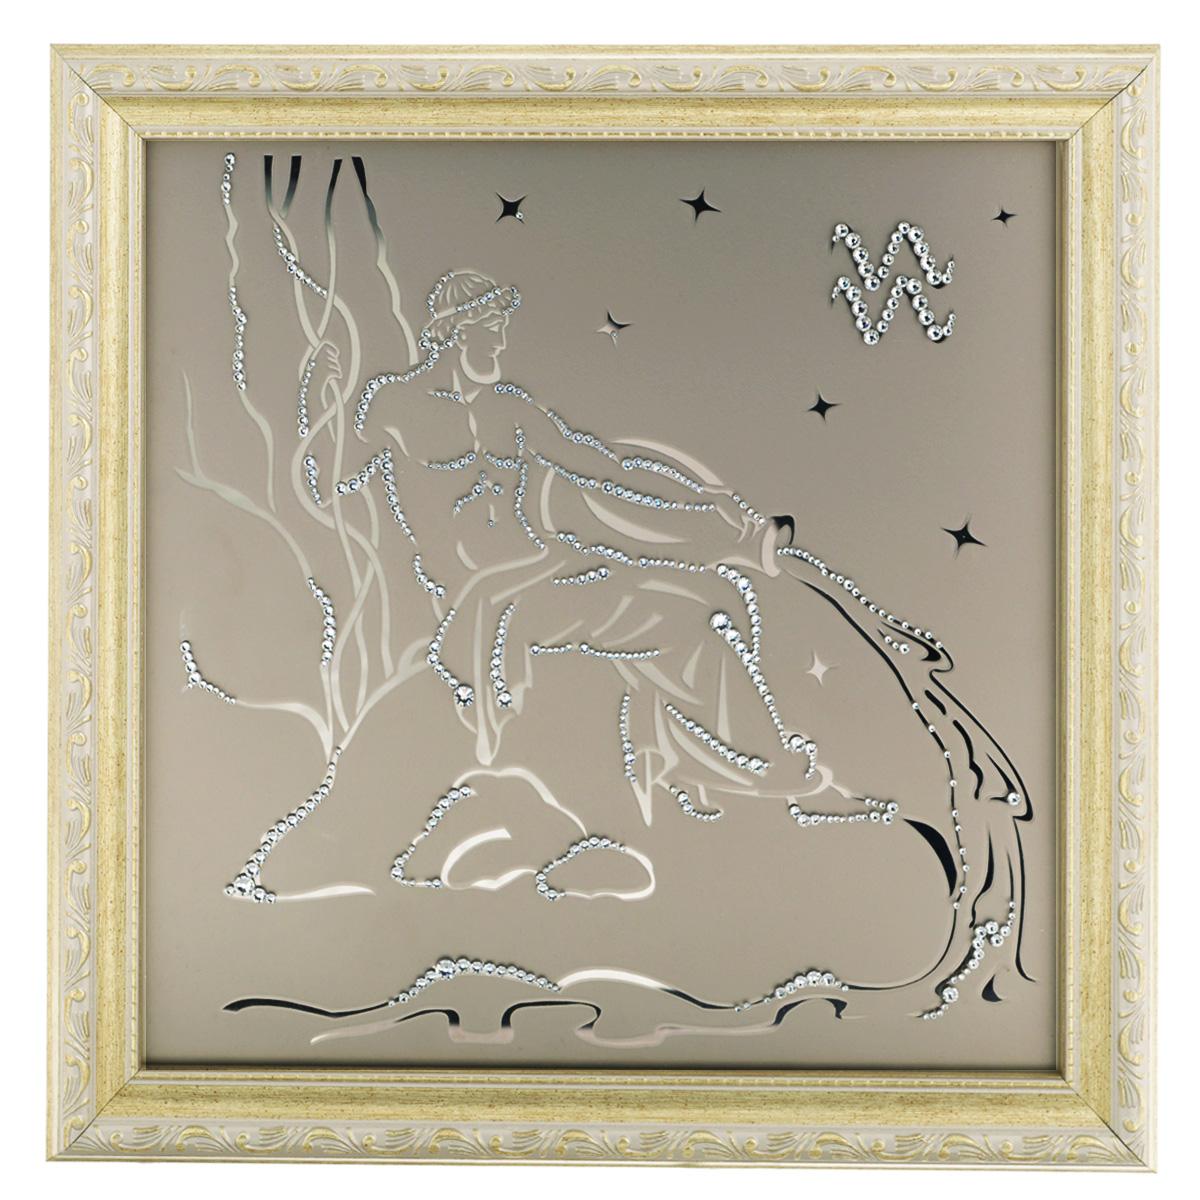 Картина с кристаллами Swarovski Знак зодиака. Водолей, 35 см х 35 смAL-022Изящная картина в багетной раме, инкрустирована кристаллами Swarovski в виде знака зодиака - Водолей на матовом стекле золотистого цвета. Кристаллы Swarovski отличаются четкой и ровной огранкой, ярким блеском и чистотой цвета. С обратной стороны имеется металлическая проволока для размещения картины на стене. Картина с кристаллами Swarovski Знак зодиака. Водолей элегантно украсит интерьер дома или офиса, а также станет прекрасным подарком, который обязательно понравится получателю. Блеск кристаллов в интерьере, что может быть сказочнее и удивительнее. Картина упакована в подарочную картонную коробку синего цвета и комплектуется сертификатом соответствия Swarovski.